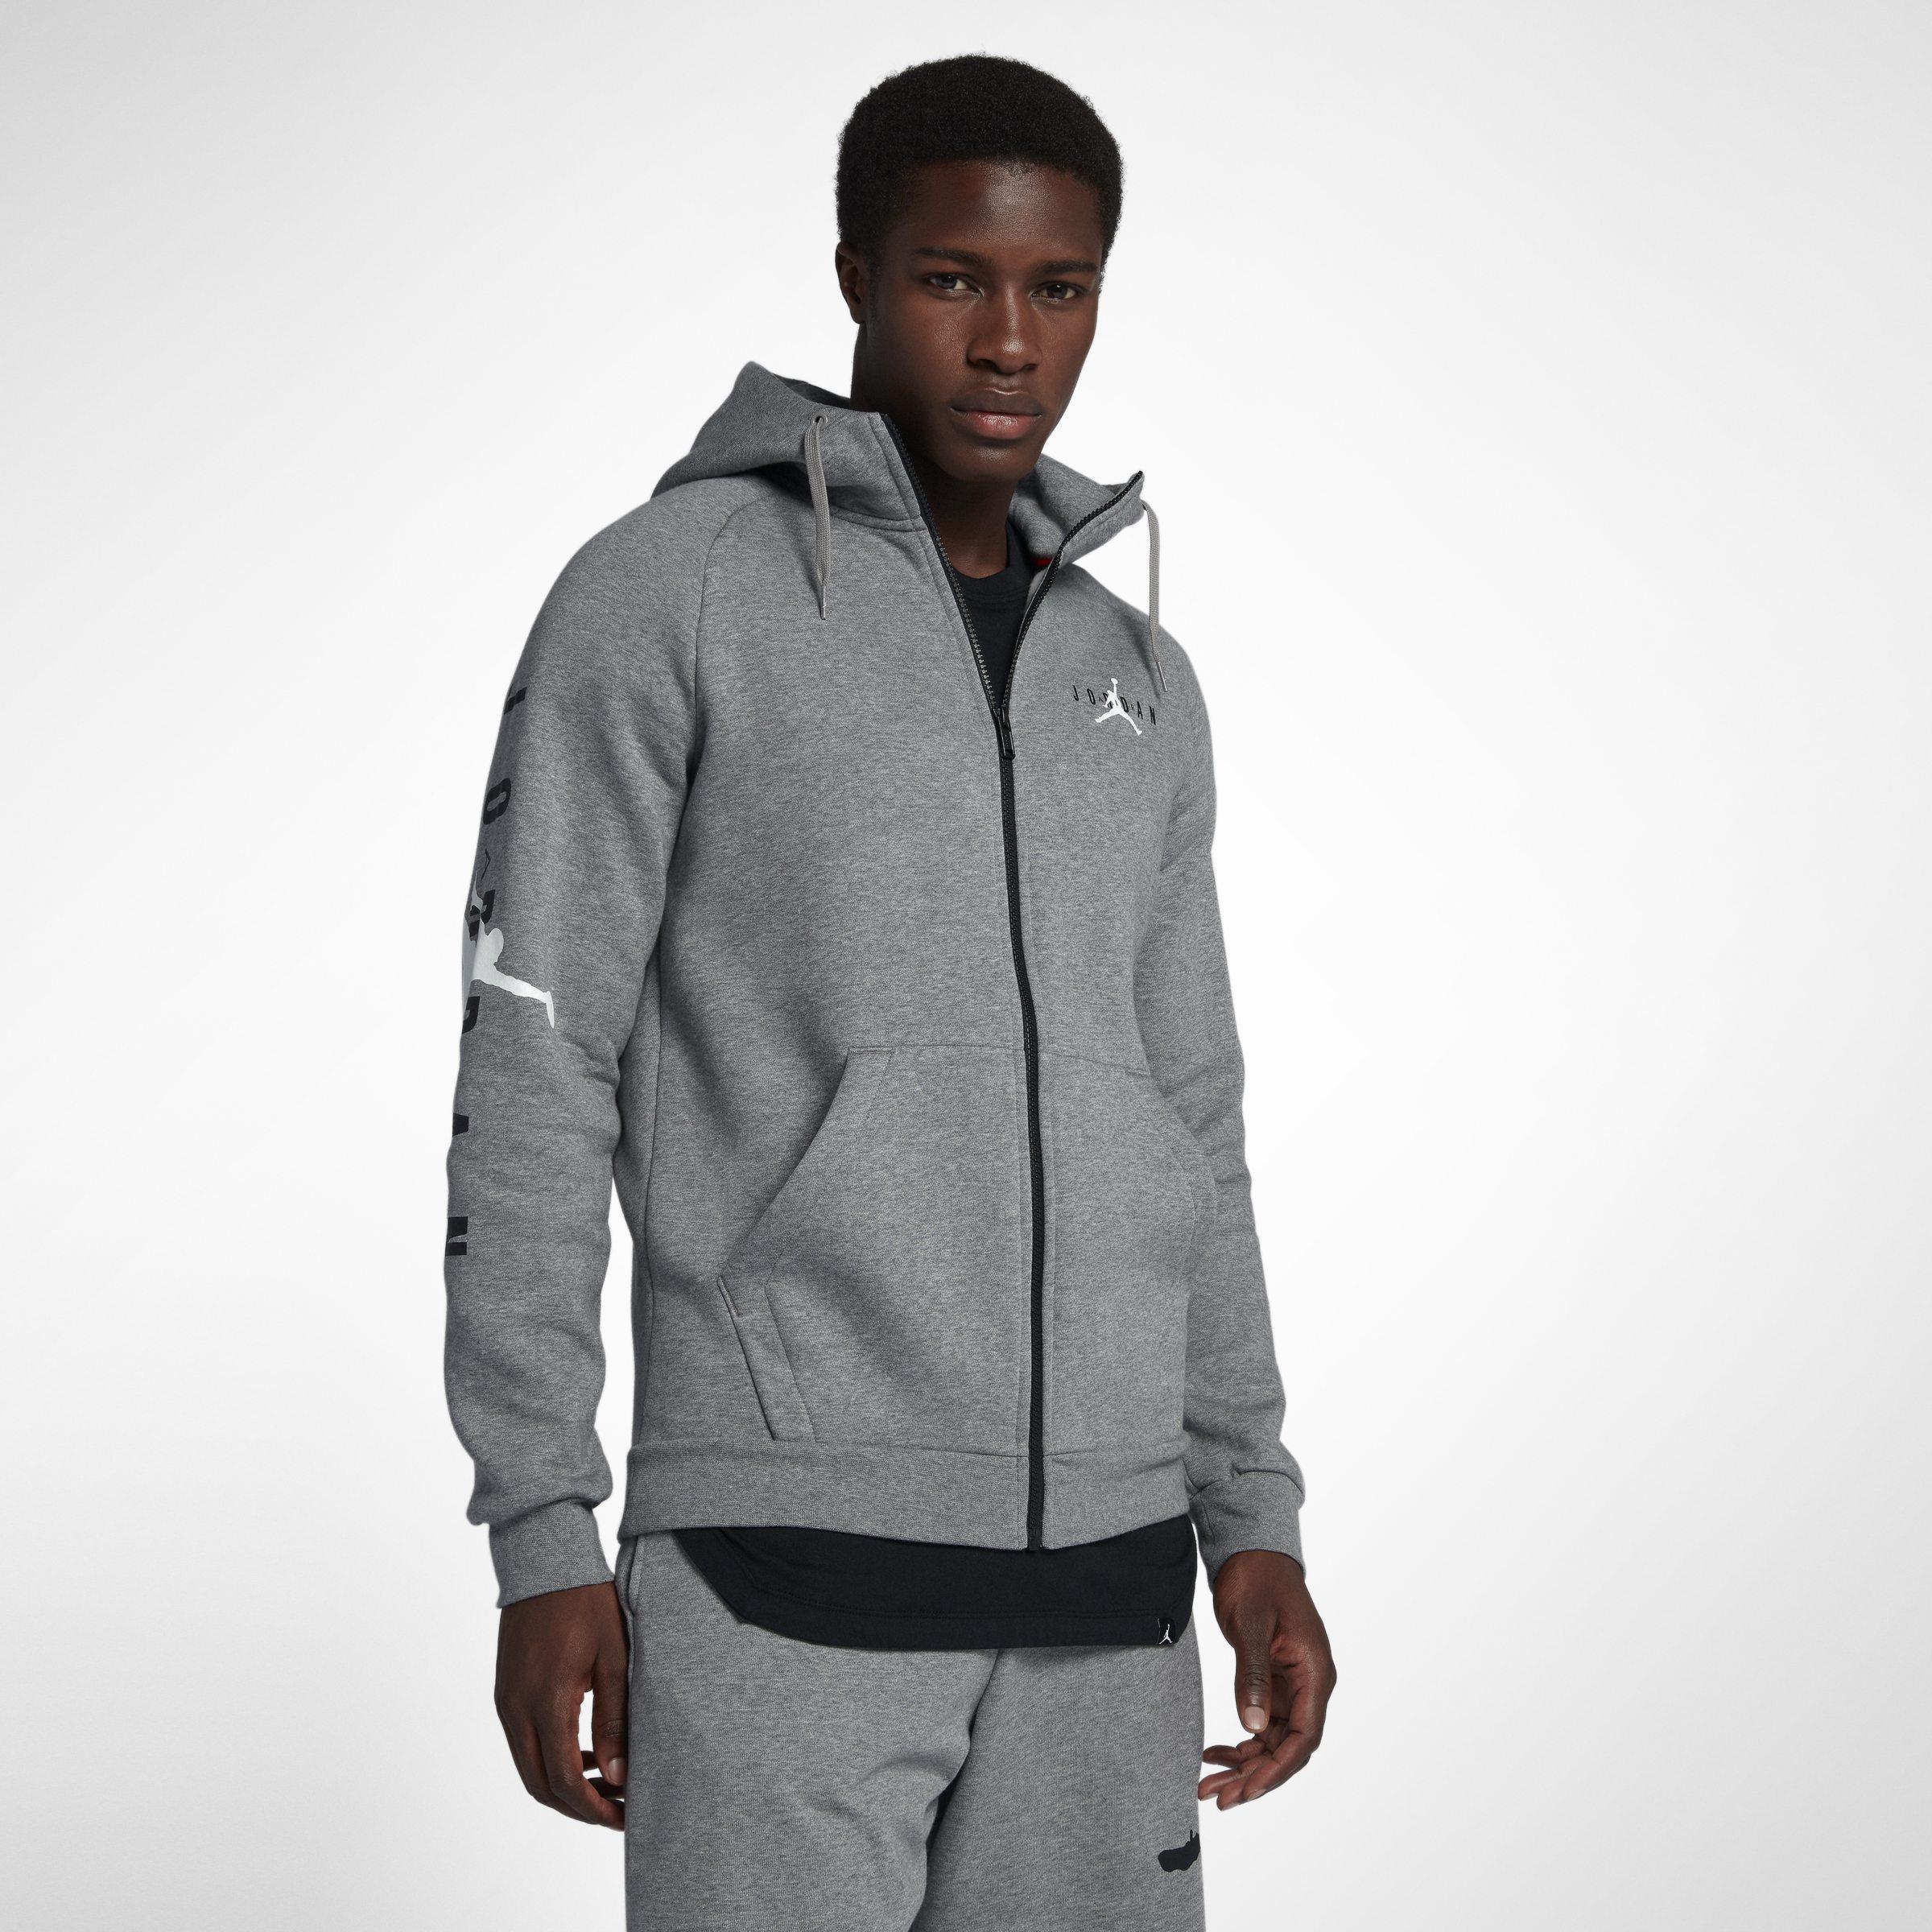 quality design d65d4 60ca0 Nike Jordan Jumpman Air Fleece Full-zip Hoodie in Gray for Men - Lyst